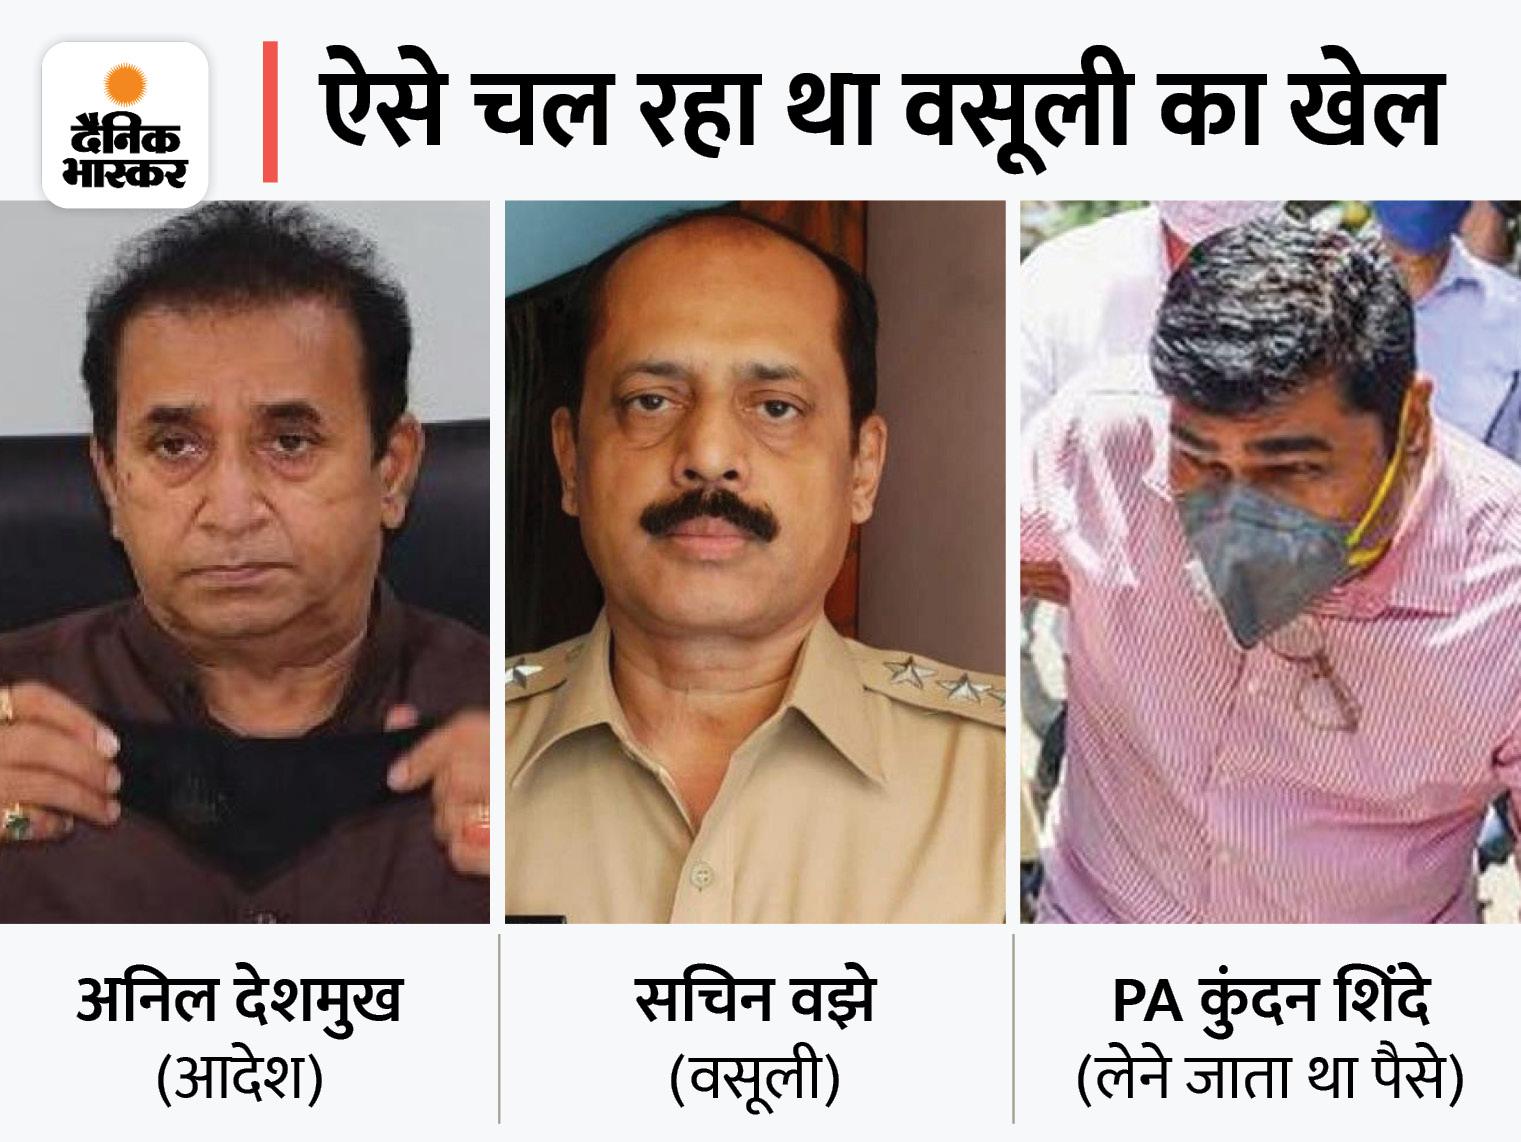 अनिल देशमुख ने सचिन वझे को 16 बैग में 4.6 करोड़ रुपए भरकर उनके PA को देने के लिए कहा था|देश,National - Dainik Bhaskar